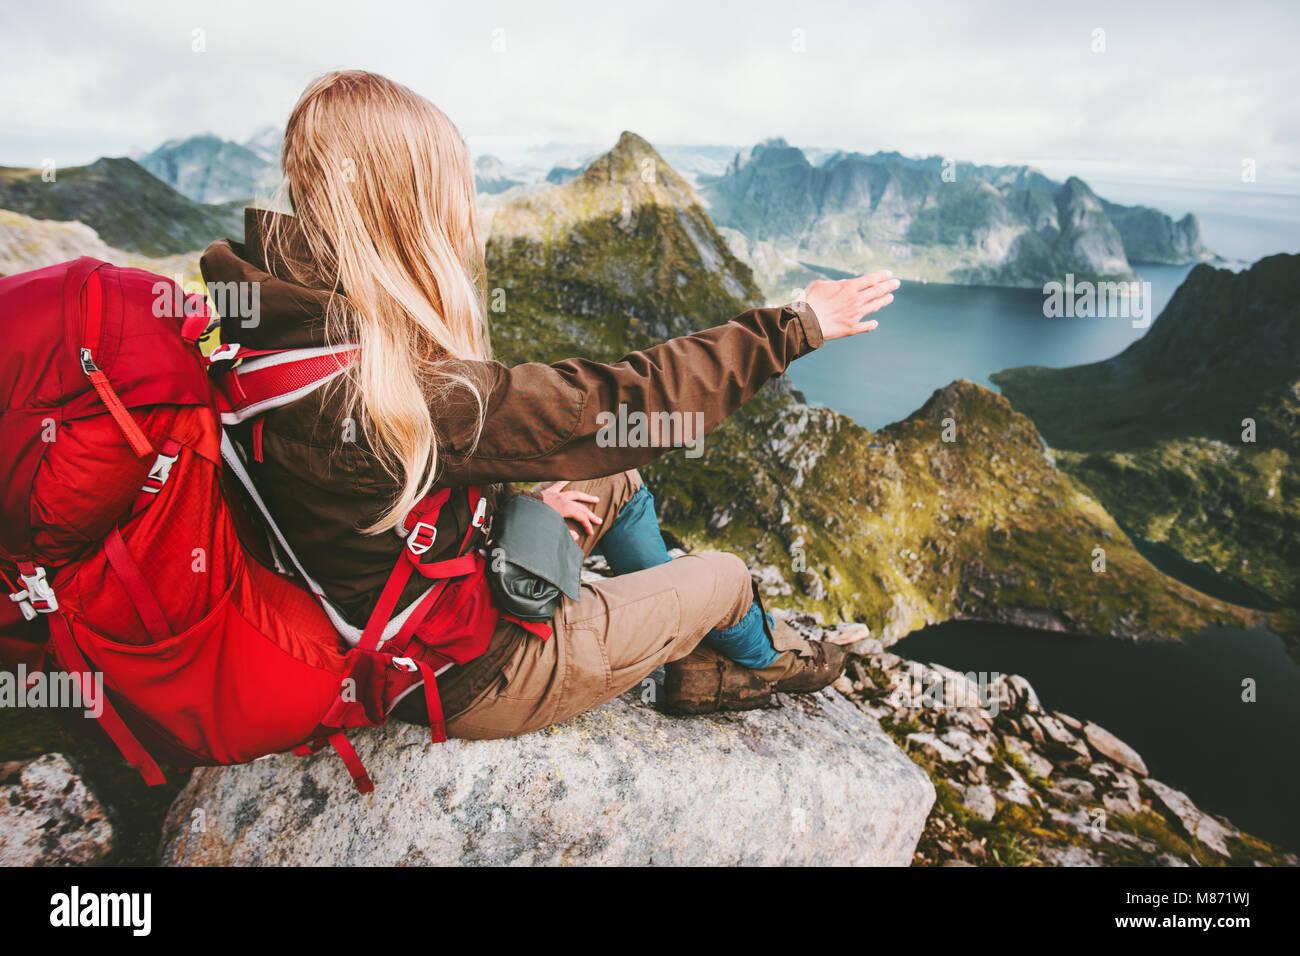 Traveler woman admiring paysage de montagnes Norvège voyages aventure randonnées concept de vie active Photo Stock